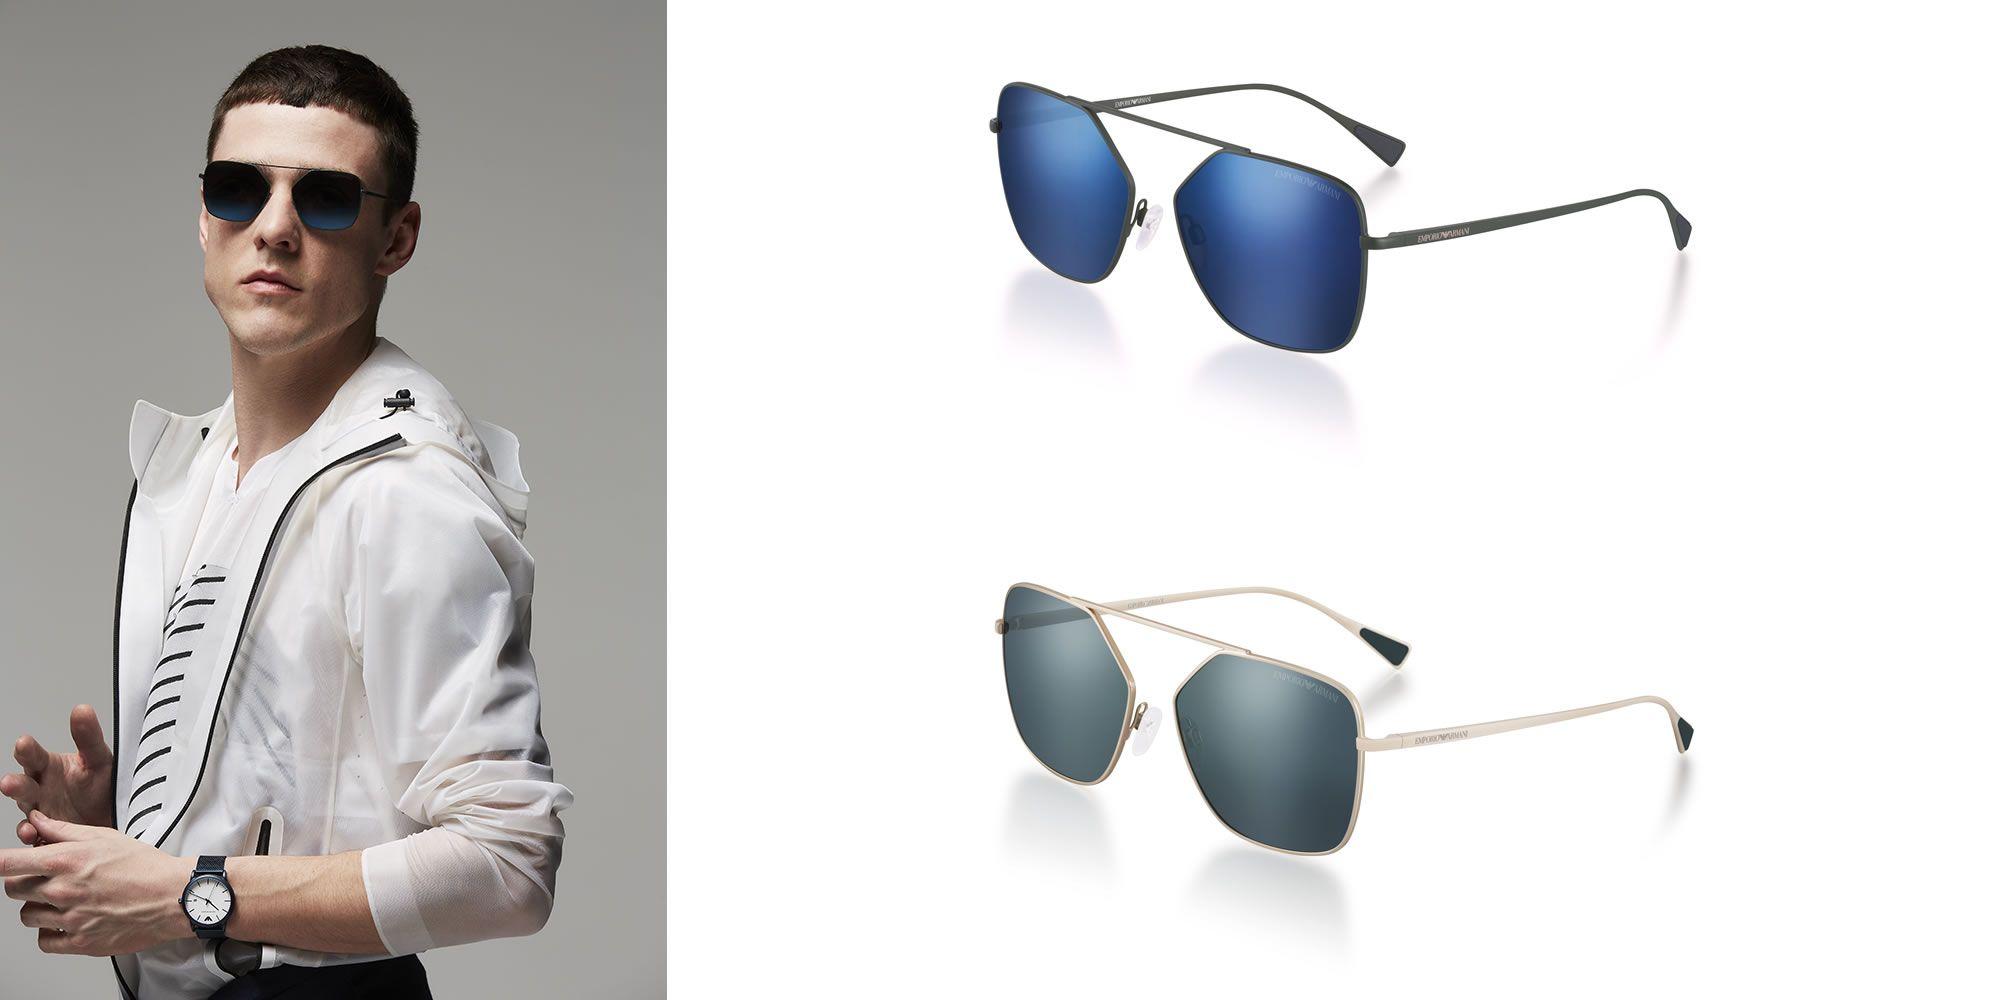 occhiali da sole e occhiali da vista emporio armani collezione primavera estate 2017